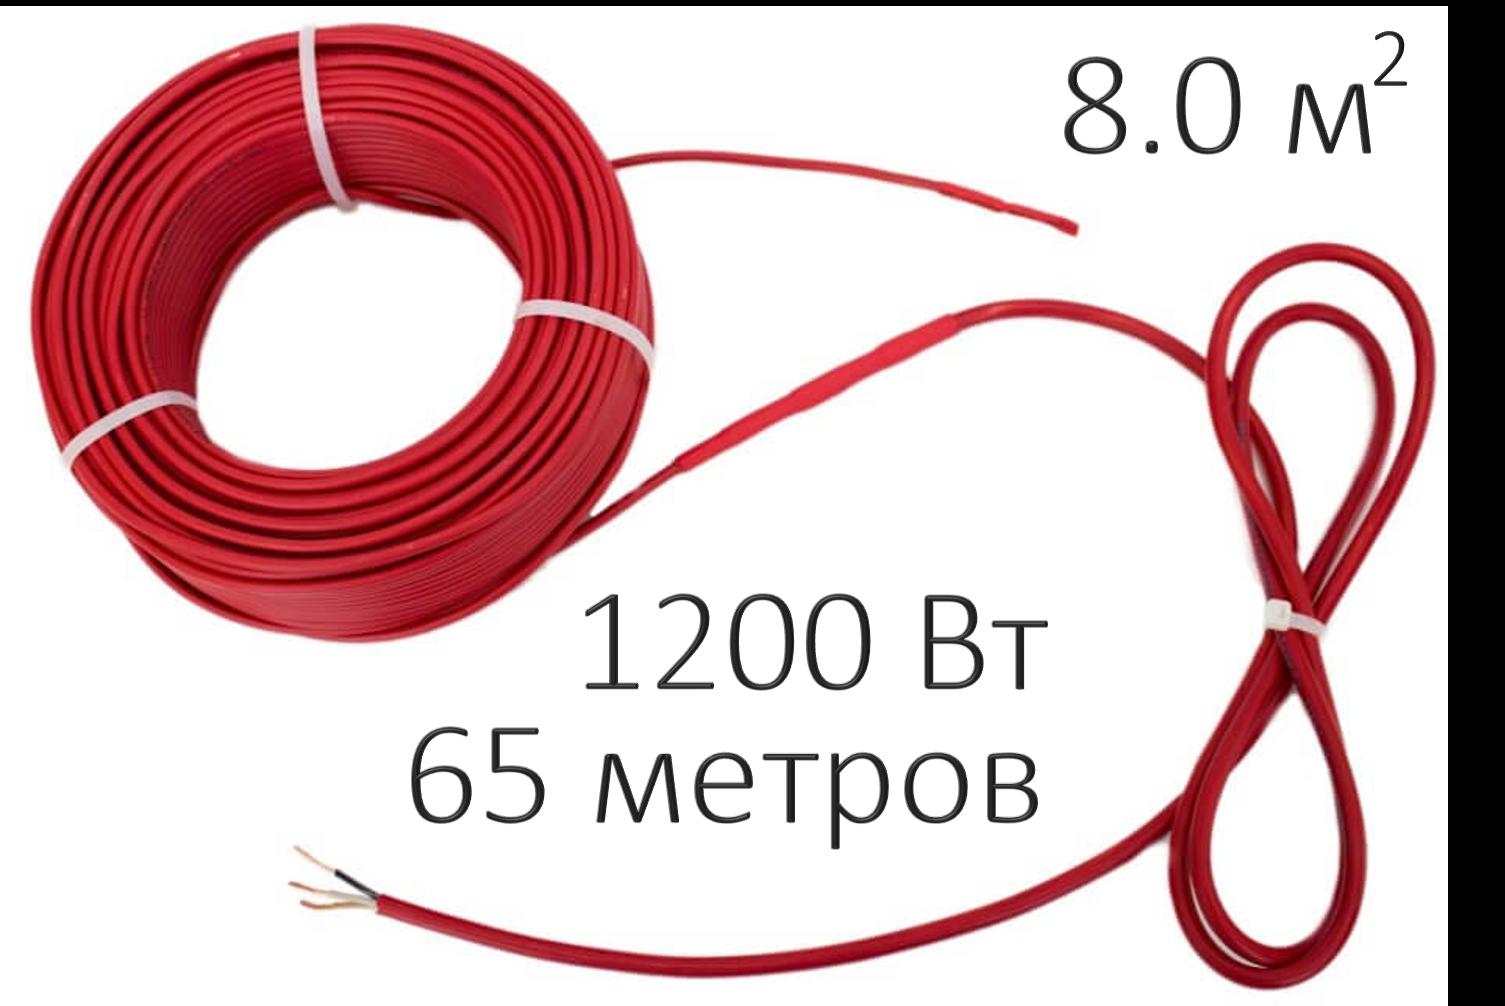 Кабельная нагревательная секция СТН КС-1200 (1,2 кВт, 65 пм)